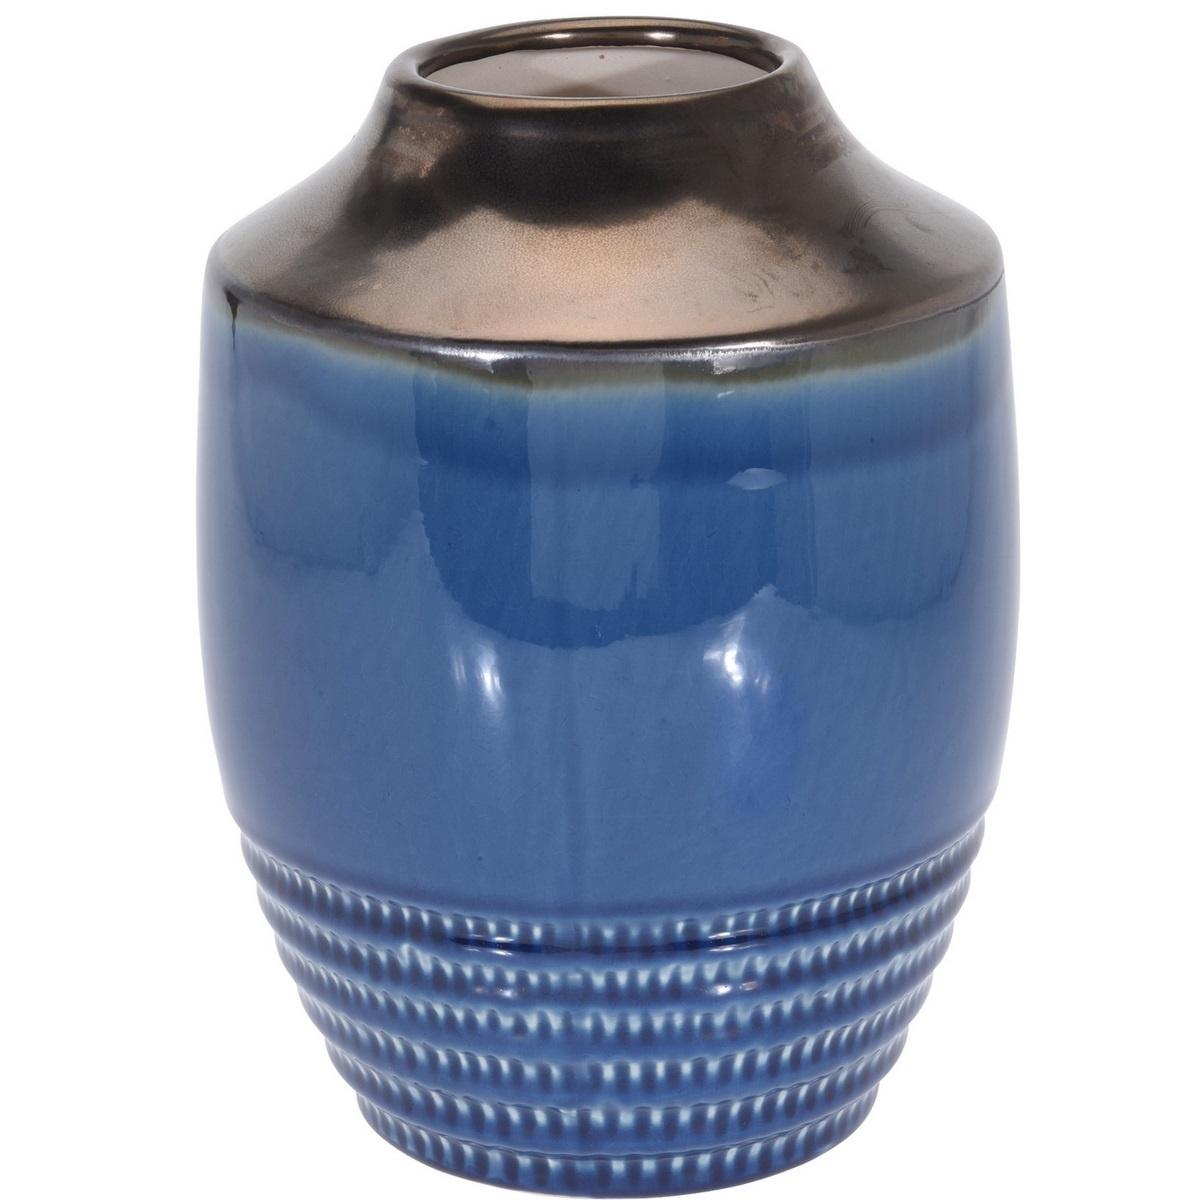 Wazon ceramiczny Anadia niebieski, 18,5 x 25 cm